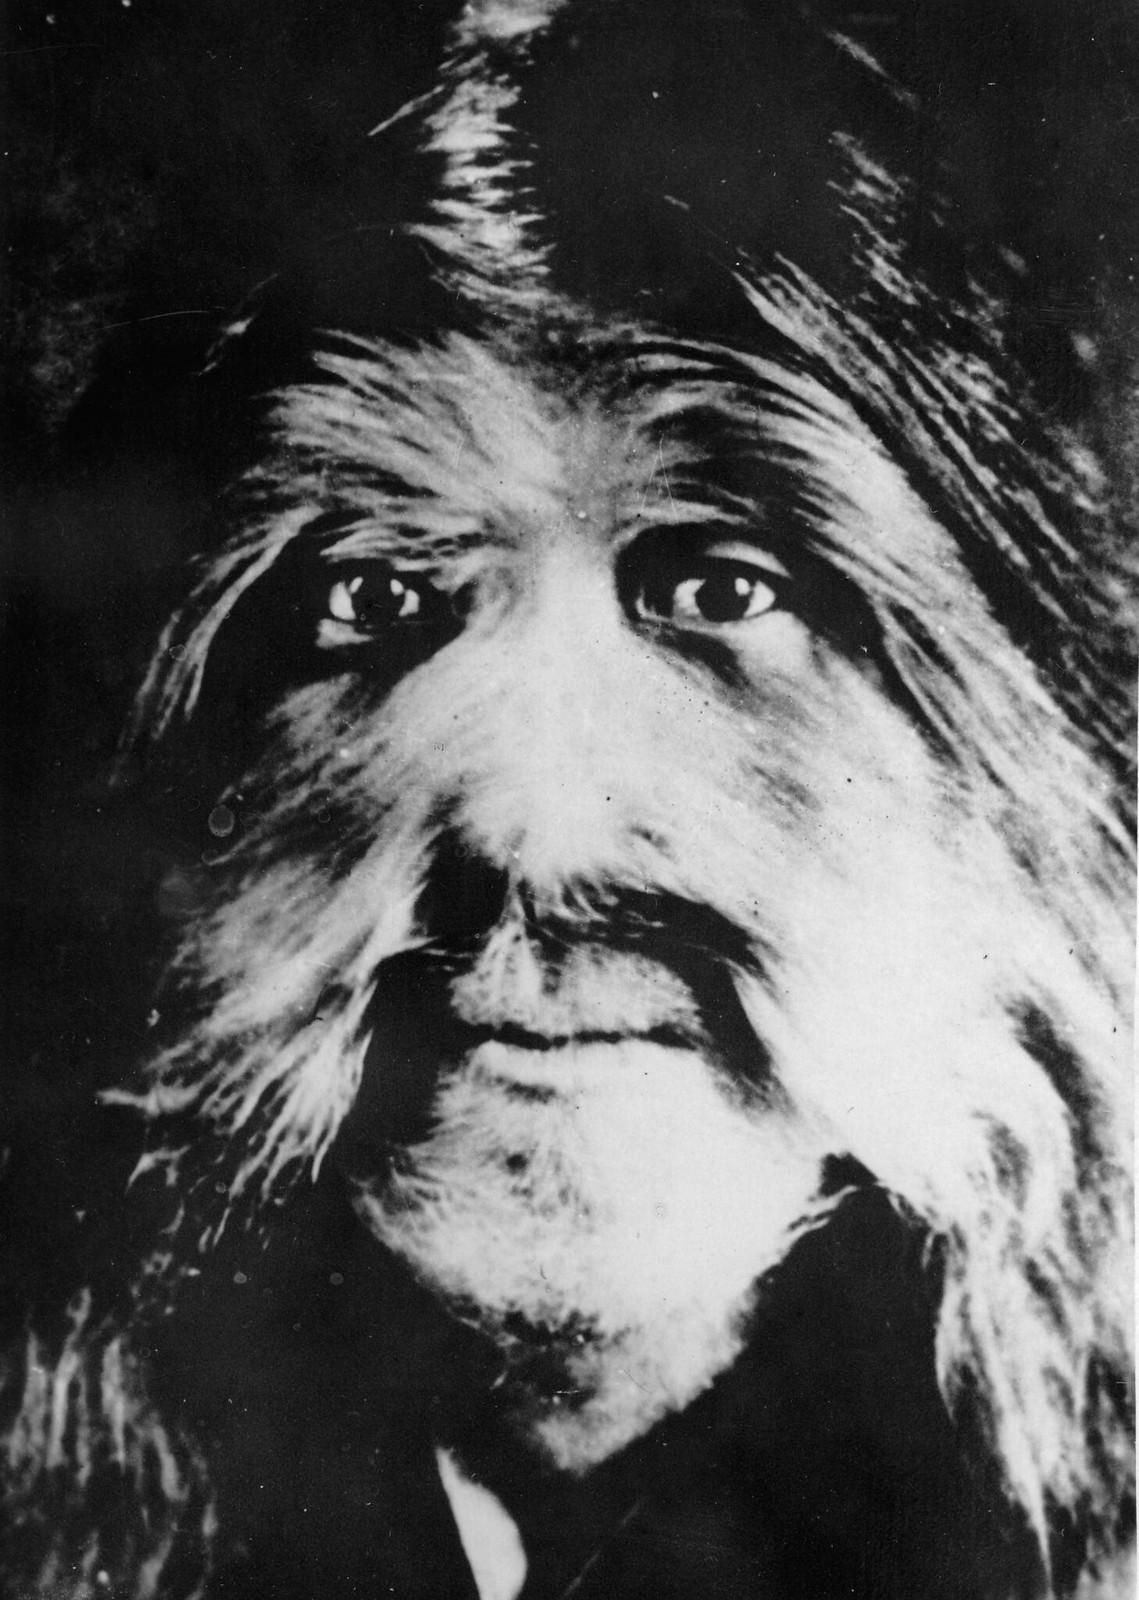 1920. Портрет мужчины, живущего в районе Долон Нор, тело и лицо которого полностью покрыты волосами. Мужчина живет на попрошайничество и пожертвования жителей